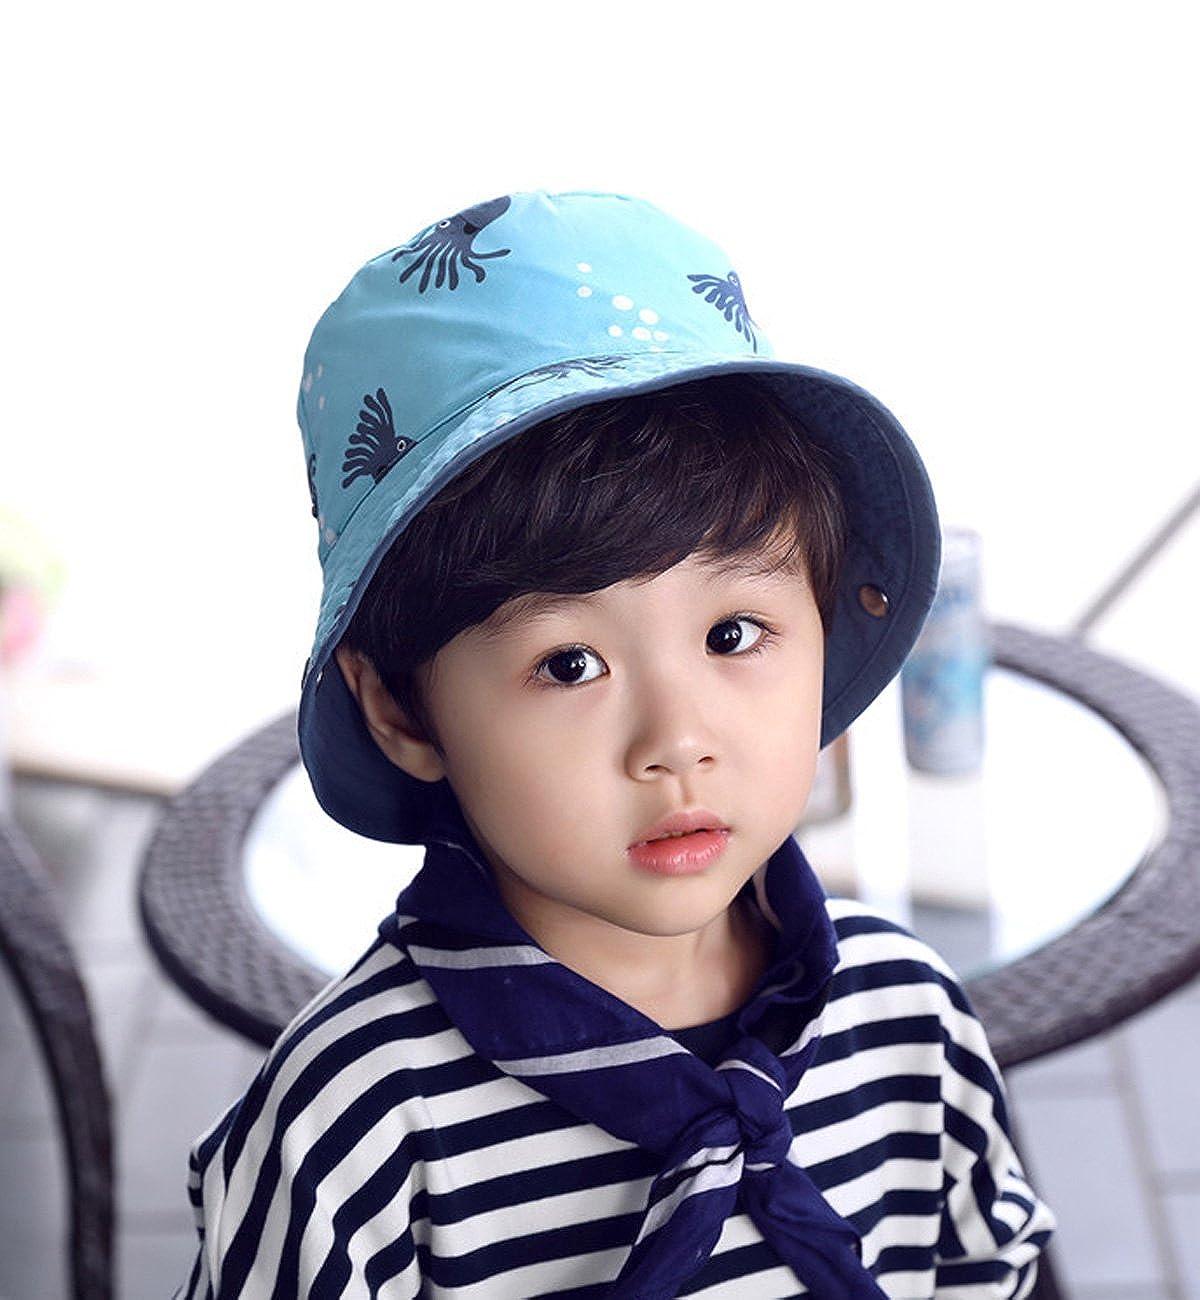 Lachi Chapeau de Soleil de Enfant Gar/çon B/éb/é Chapeau de Plage Coton Anti UV Bebe 0-5 Ans en Printemps Et/é